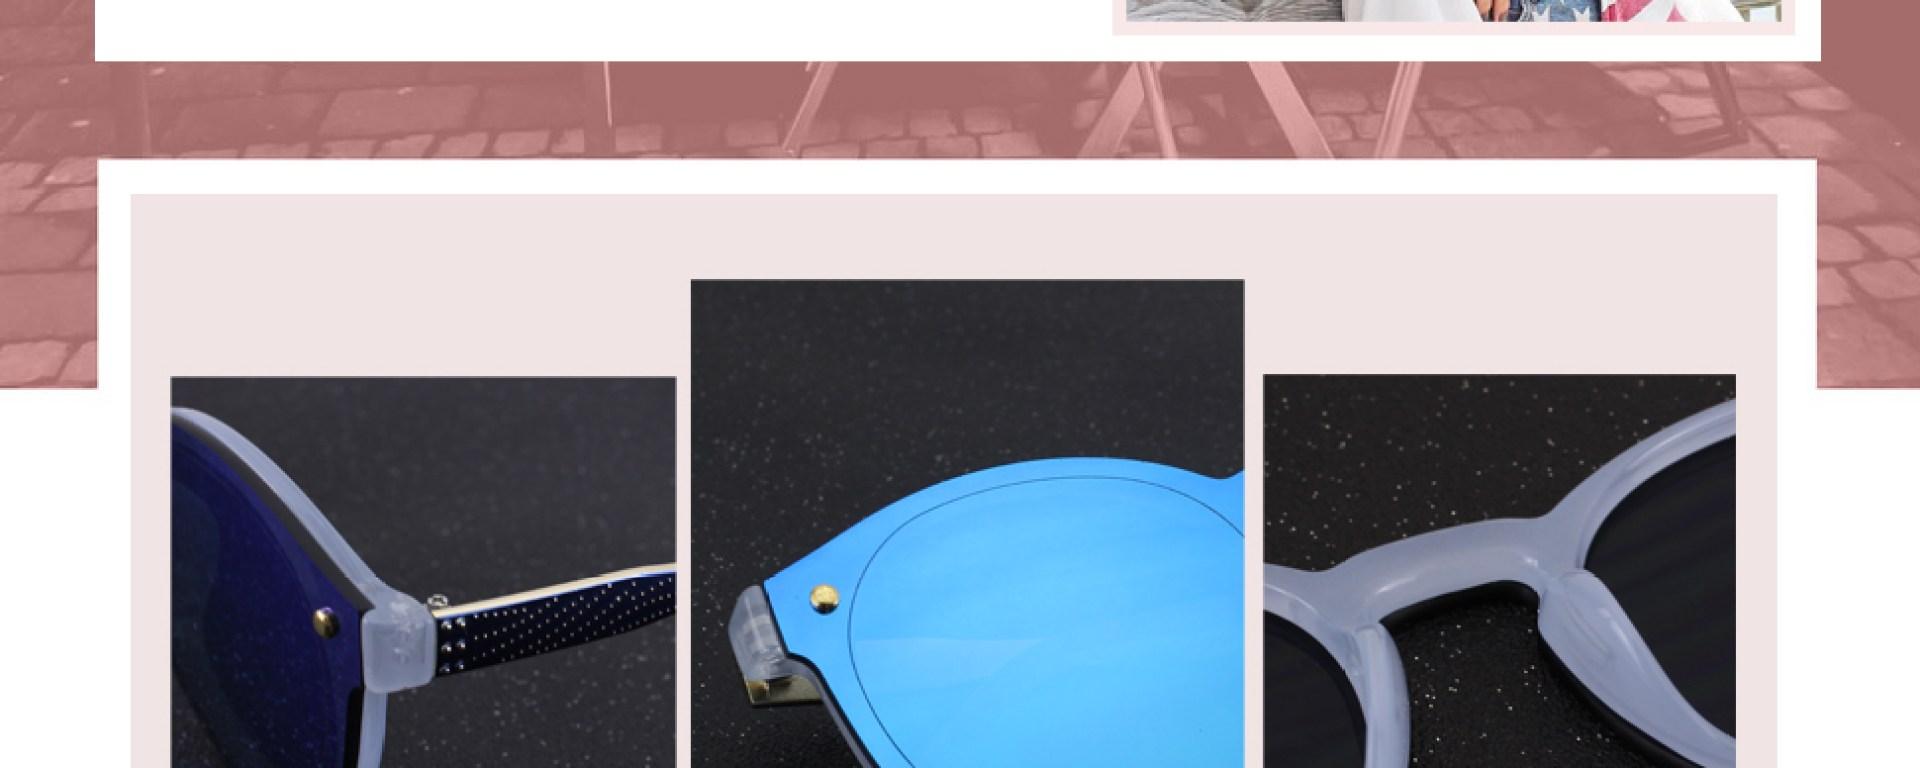 17c8a48e2c GQUEEN Futurista Sin Marco Redondas Gafas de Sol Protector Reflexivo Espejo  Anteojos para Hombre Mujer MEO5 (-42%) + 15% con código GQUEEN2P